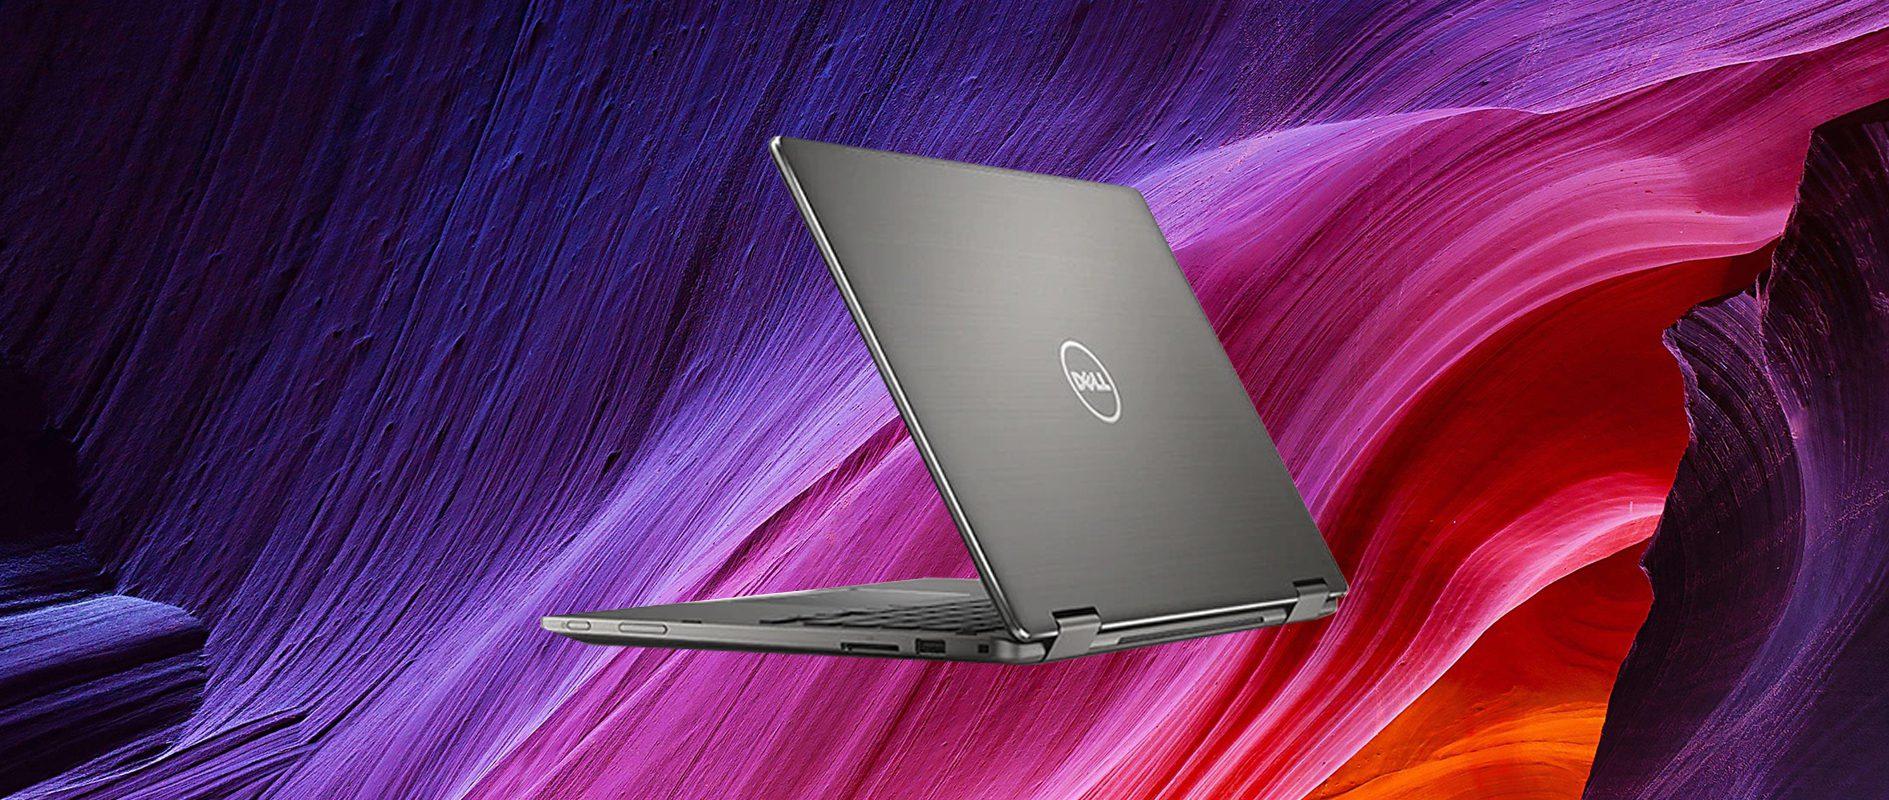 Dell Latitude 3379 Notebook